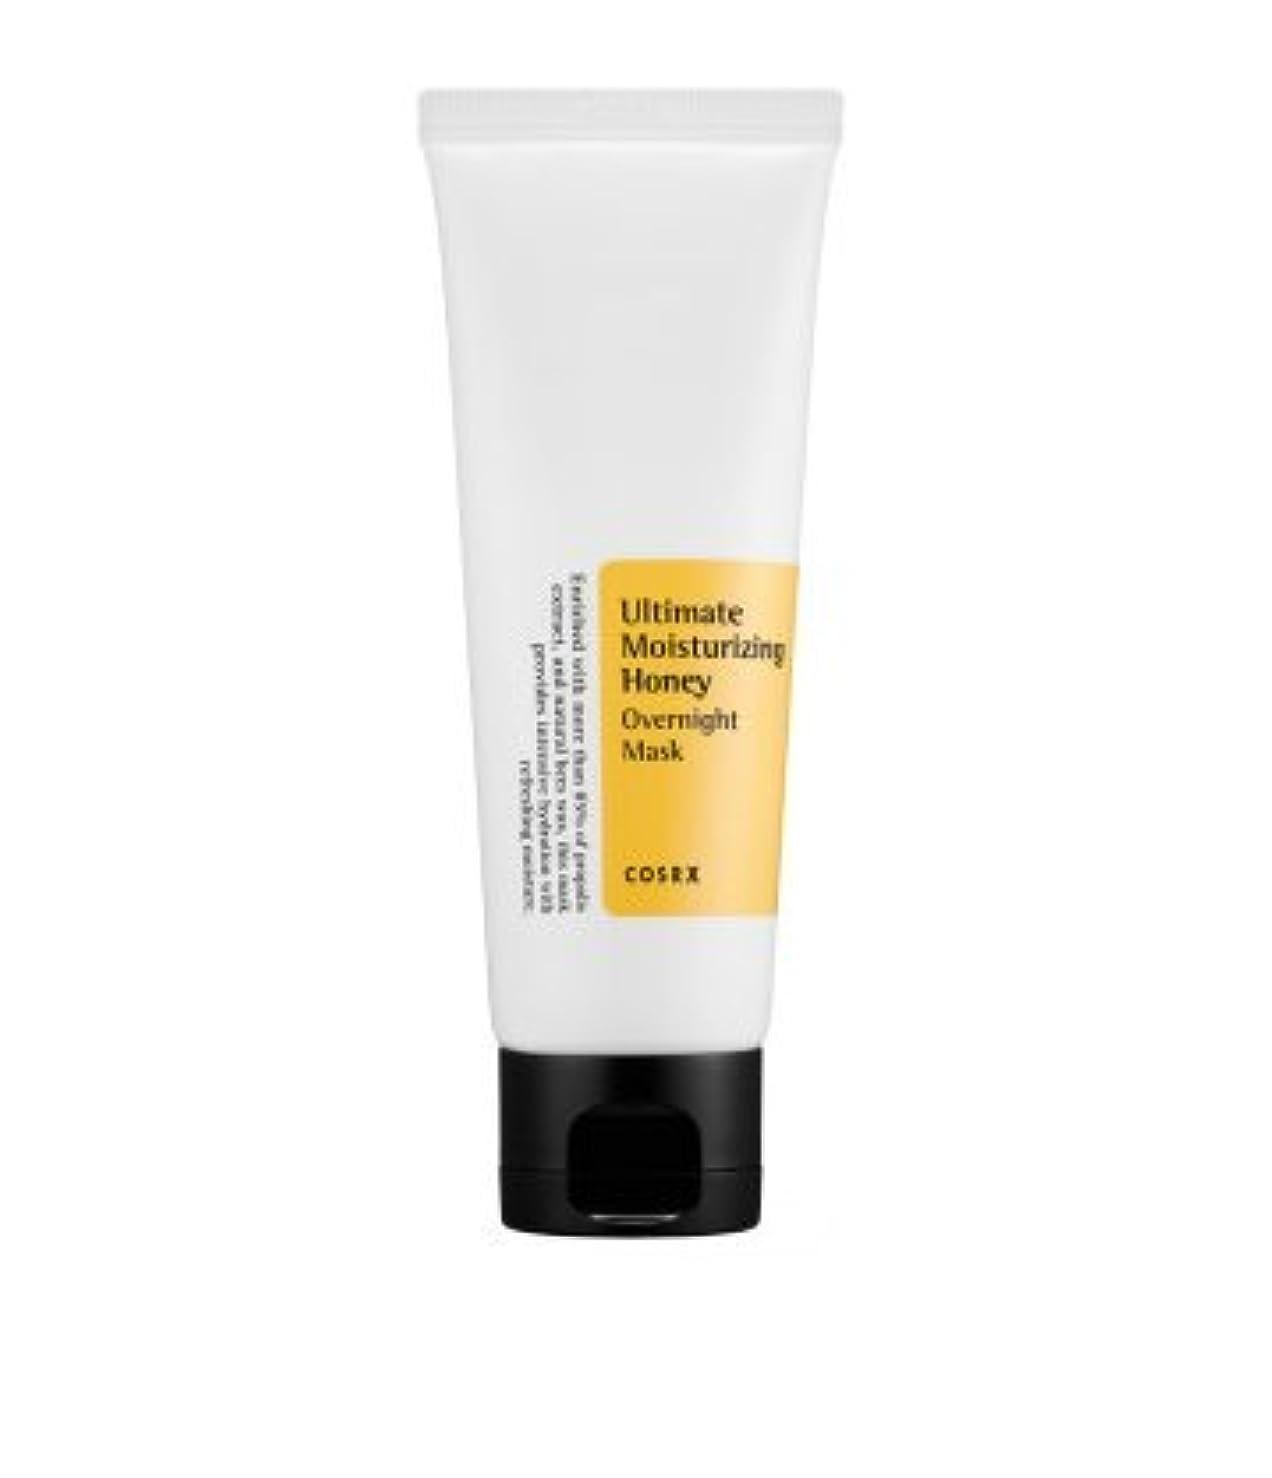 運河無駄行方不明COSRX アルティメット モイスチャライジング ハニー オーバーナイト マスク チューブタイプ(60ml) リニューアル / Ultimate Moisturizing Honey Overnight Mask [並行輸入品]